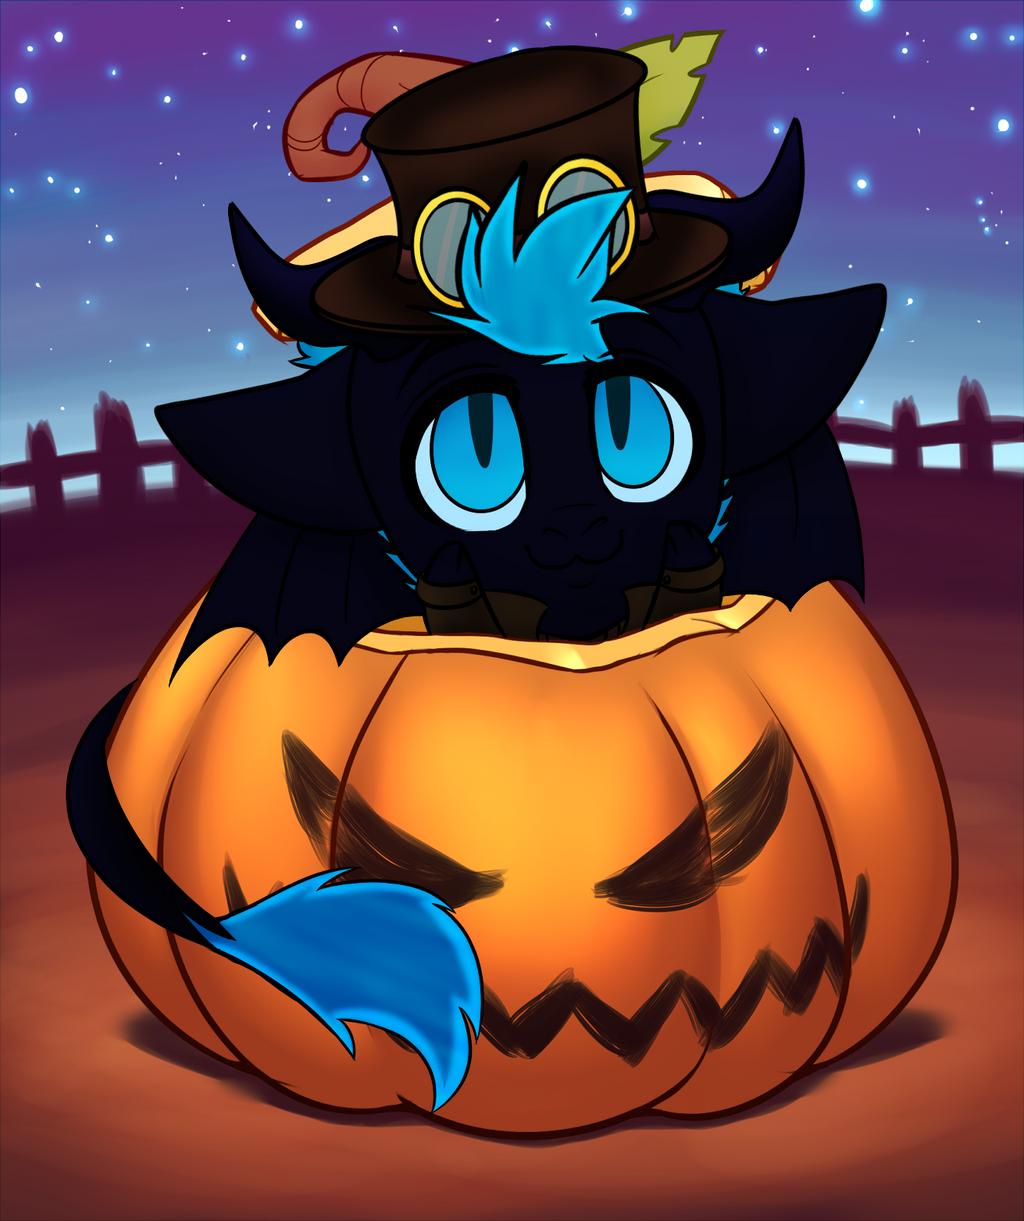 Starfire Pumpkin YCH by RoseandherThorns